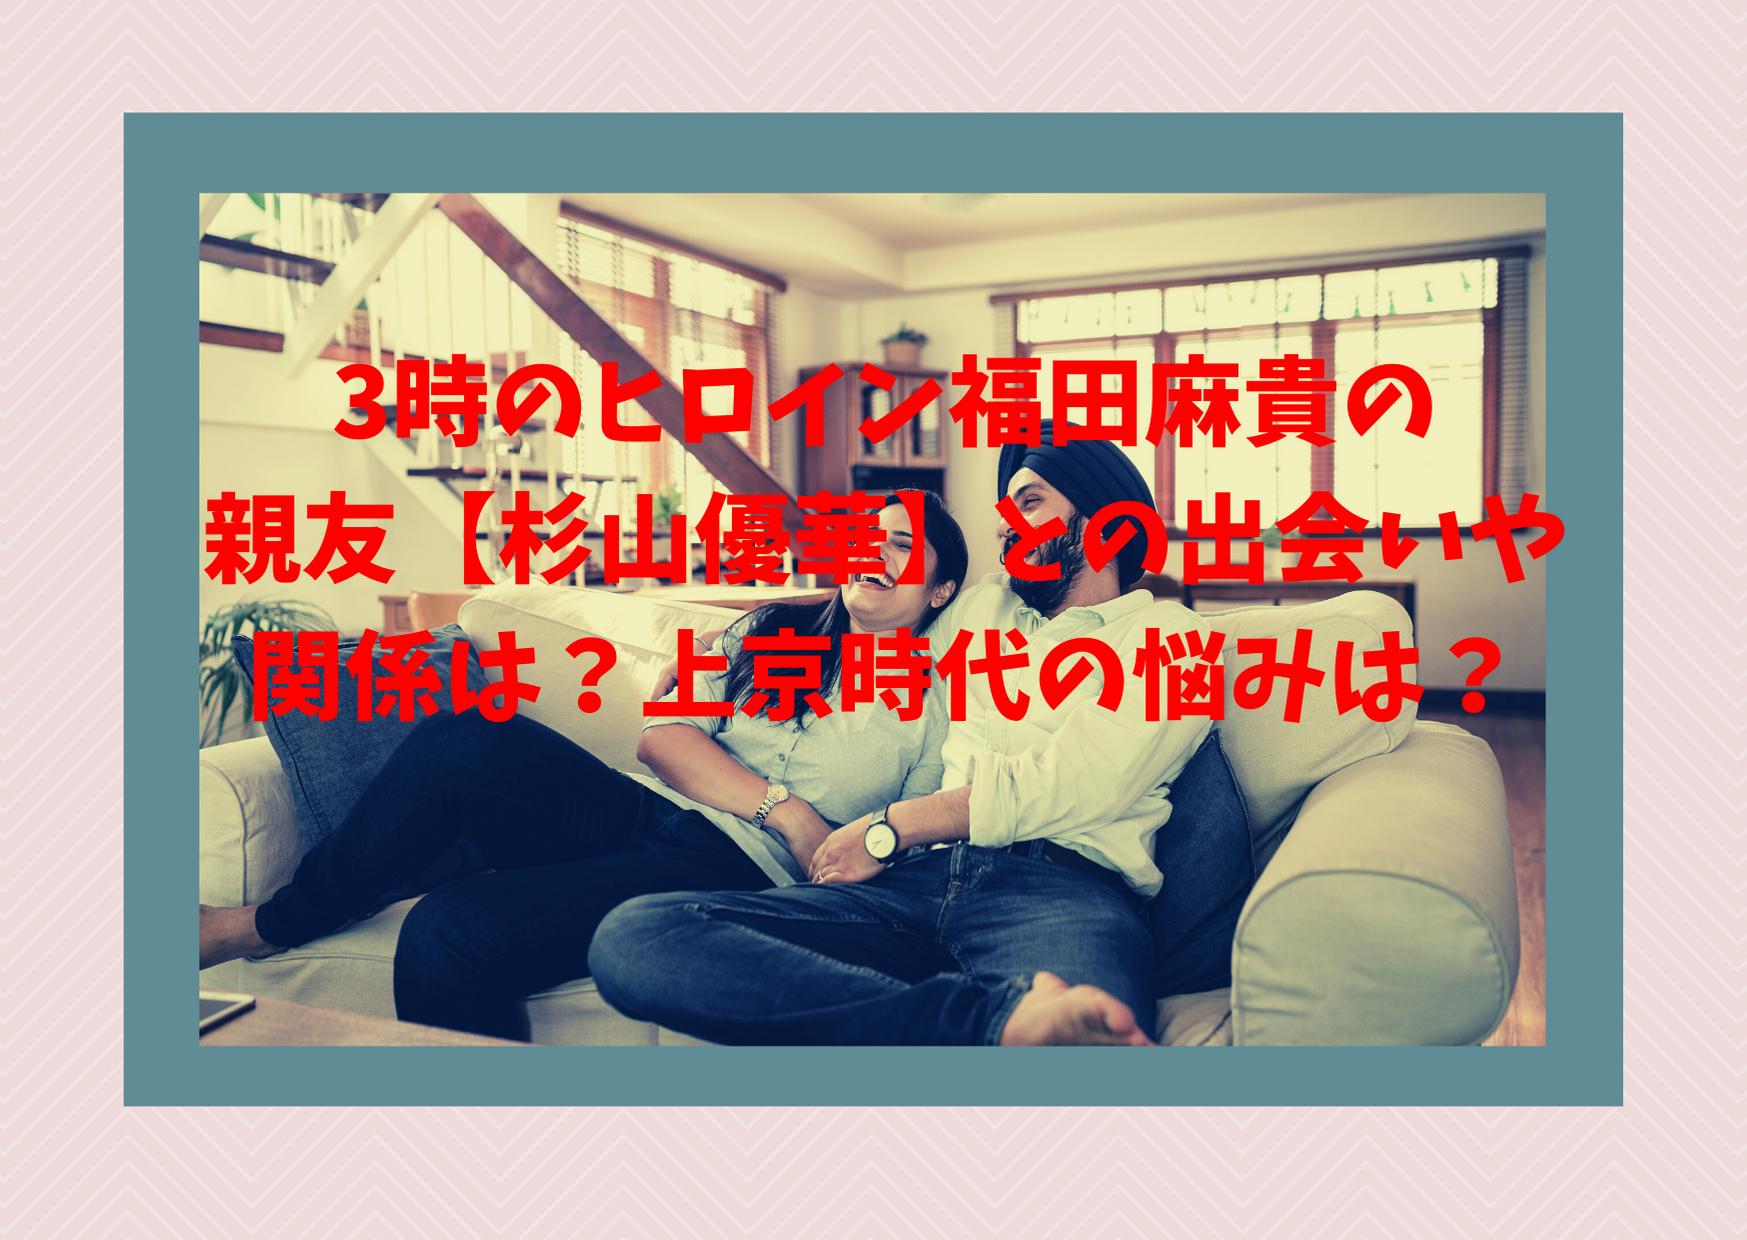 3時のヒロイン福田麻貴の親友【杉山優華】との出会いや関係は?上京時代の悩みは?